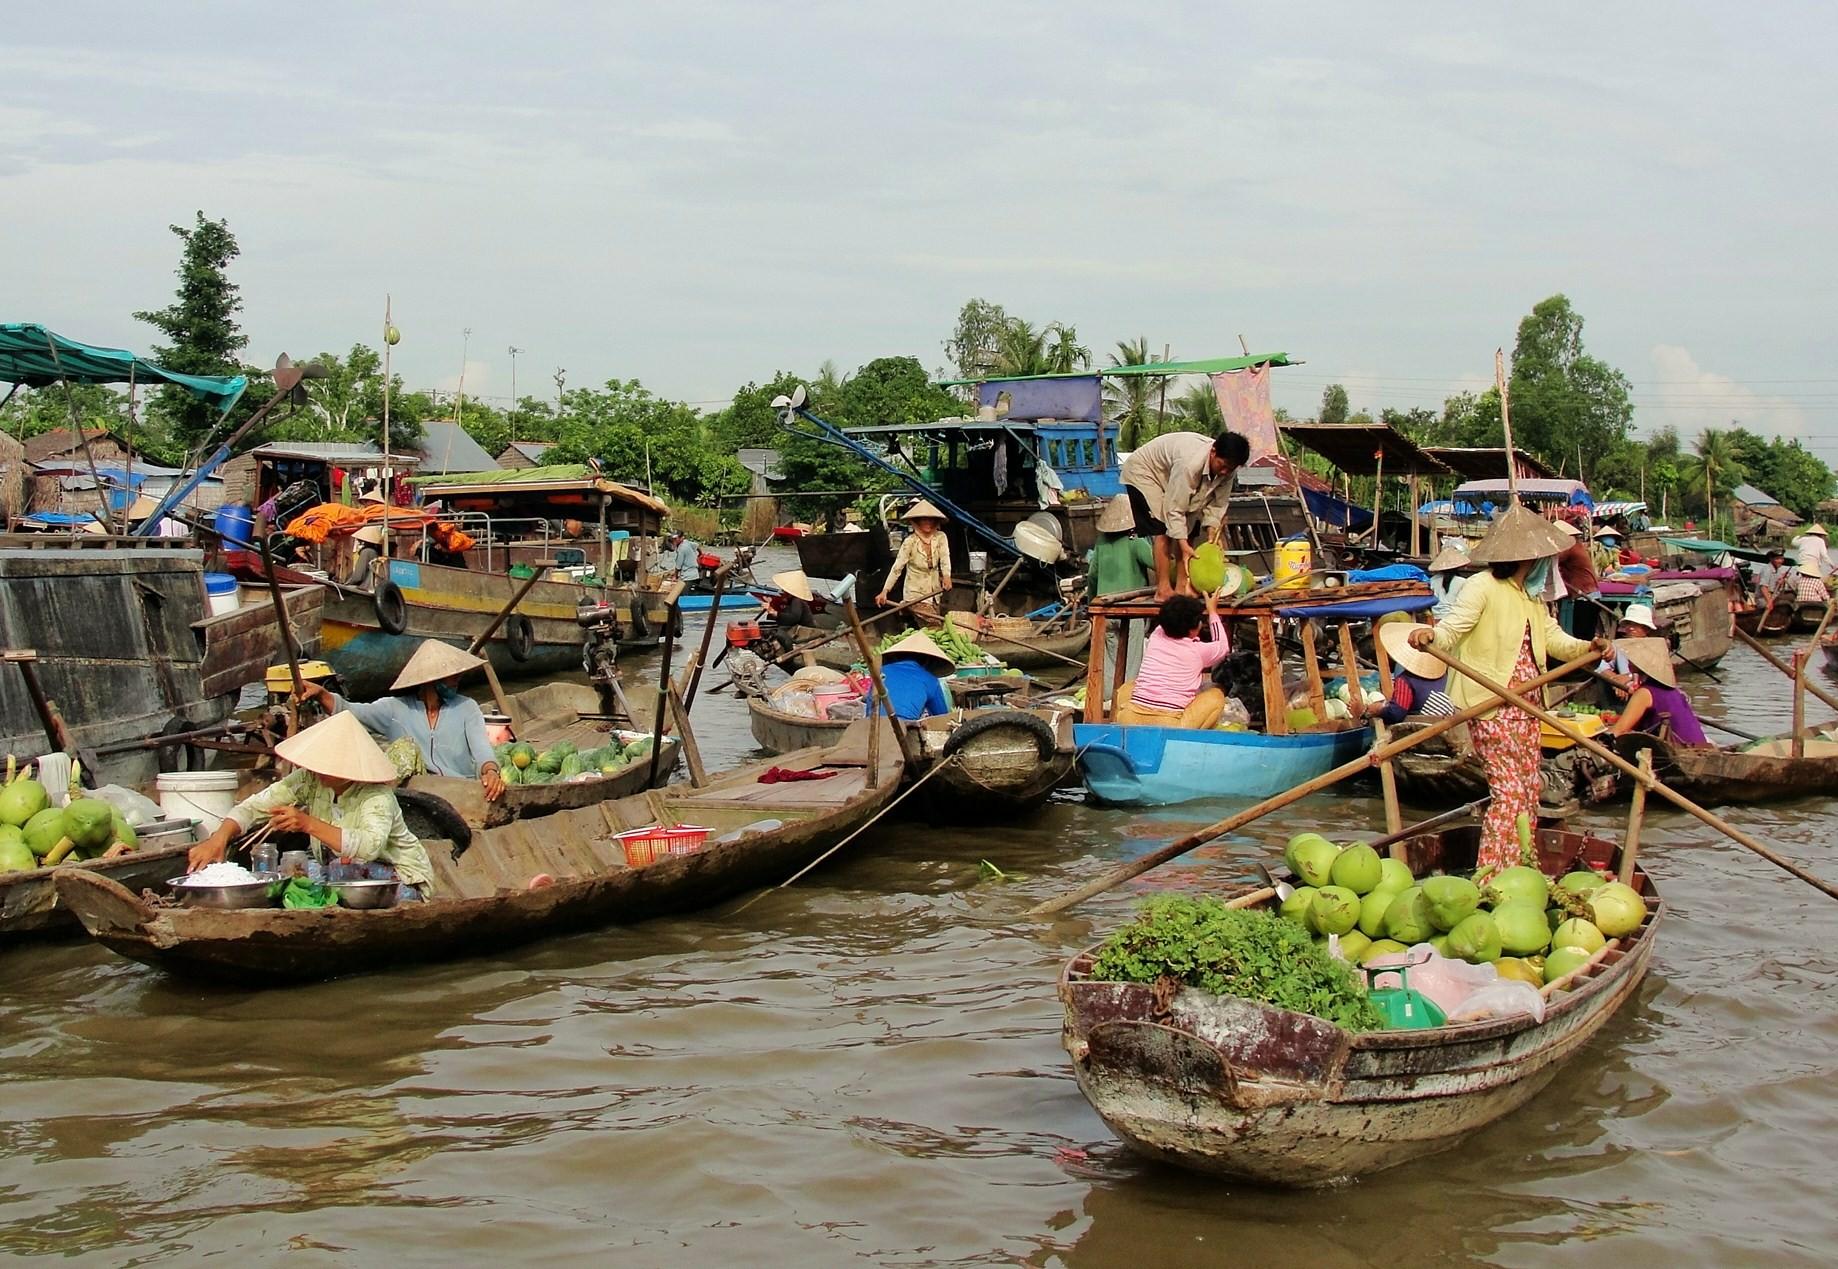 mekong delta floating market cai rang